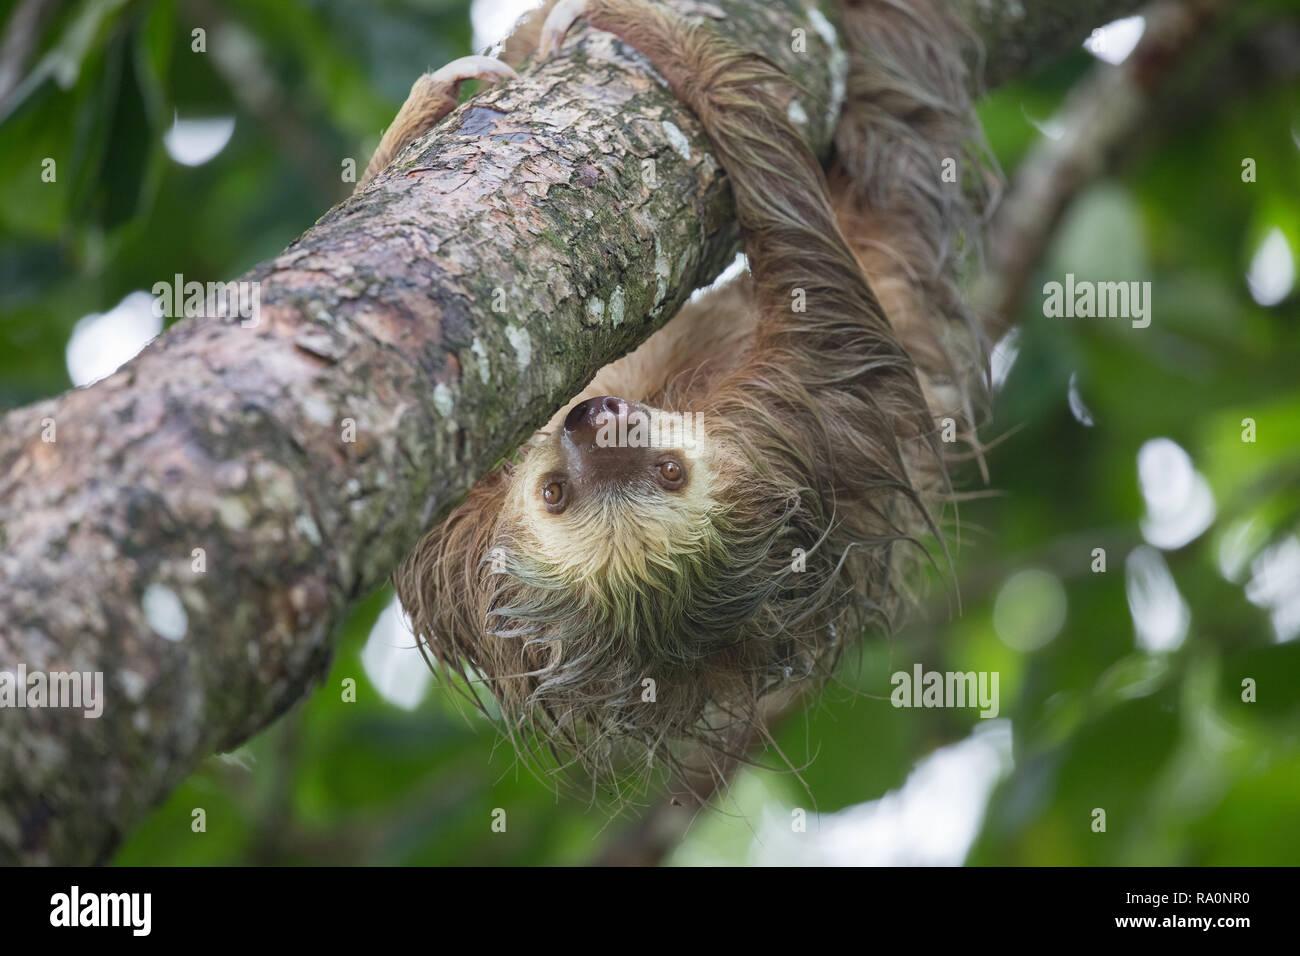 Un sauvage deux doigts paresseux au Costa Rica. Photo Stock